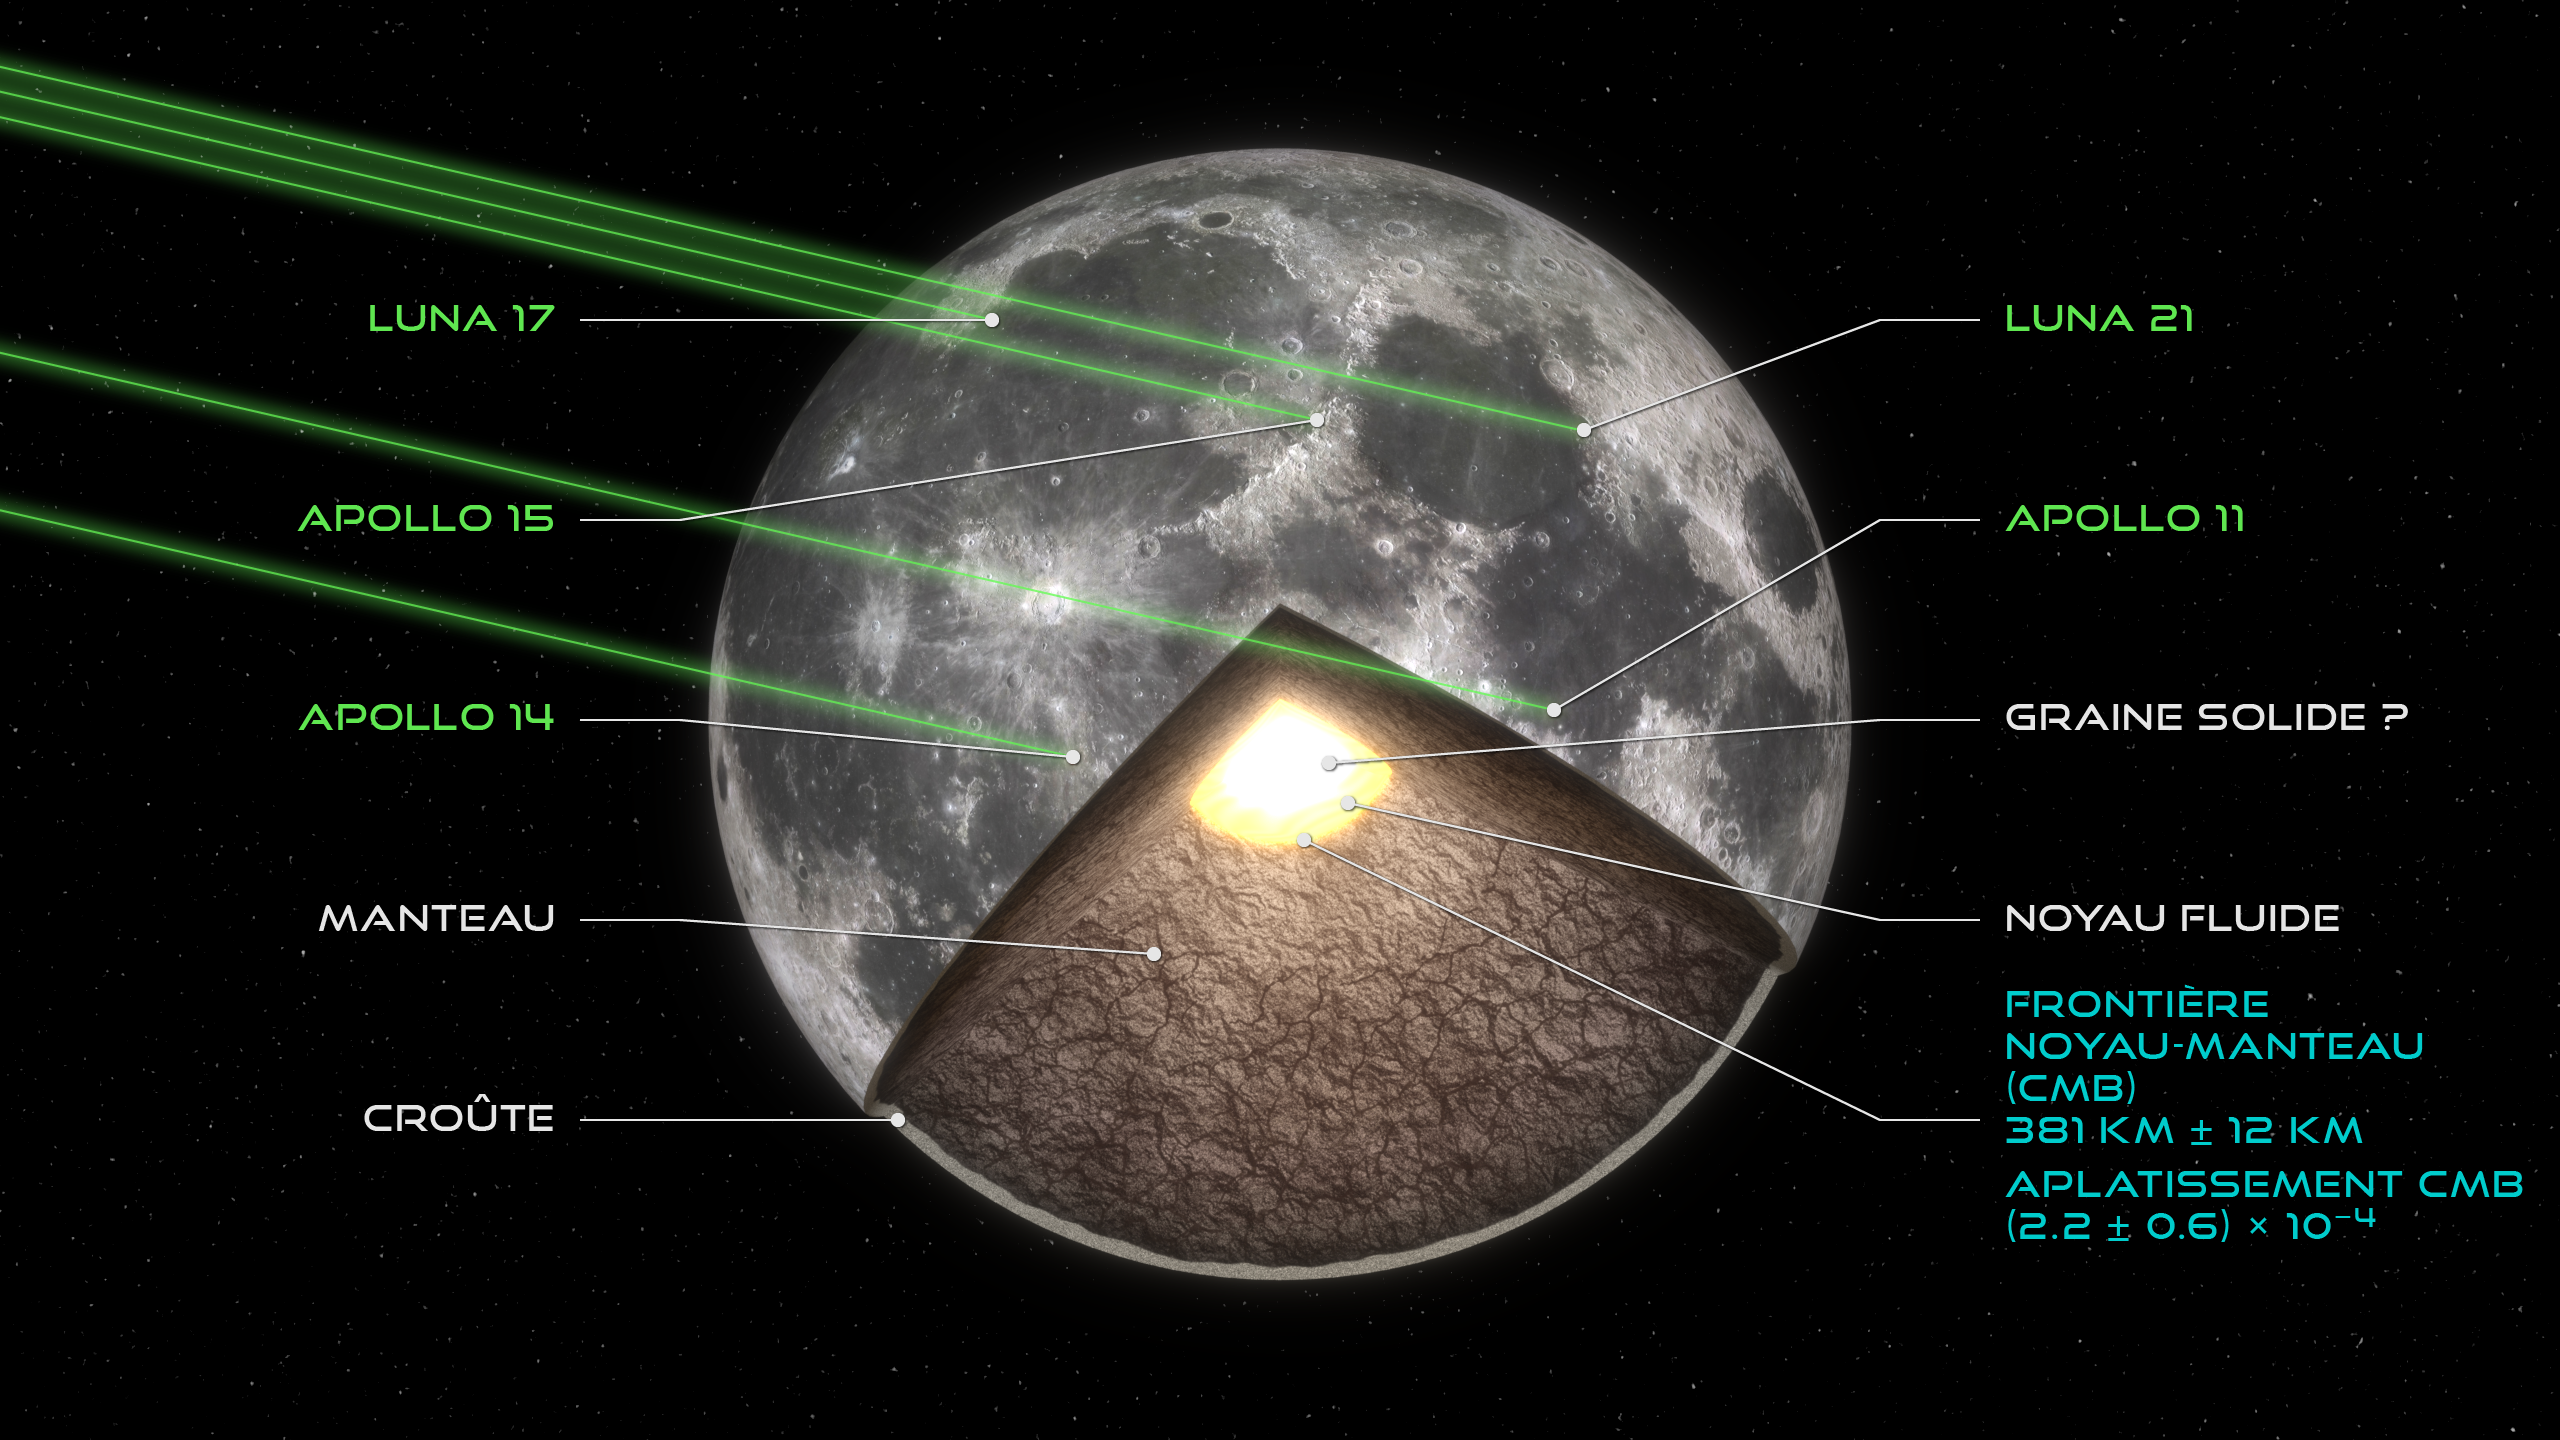 Vue d'artiste de la structure interne de la Lune. Crédits Yohann Gominet/IMCCE/Observatoire de Paris